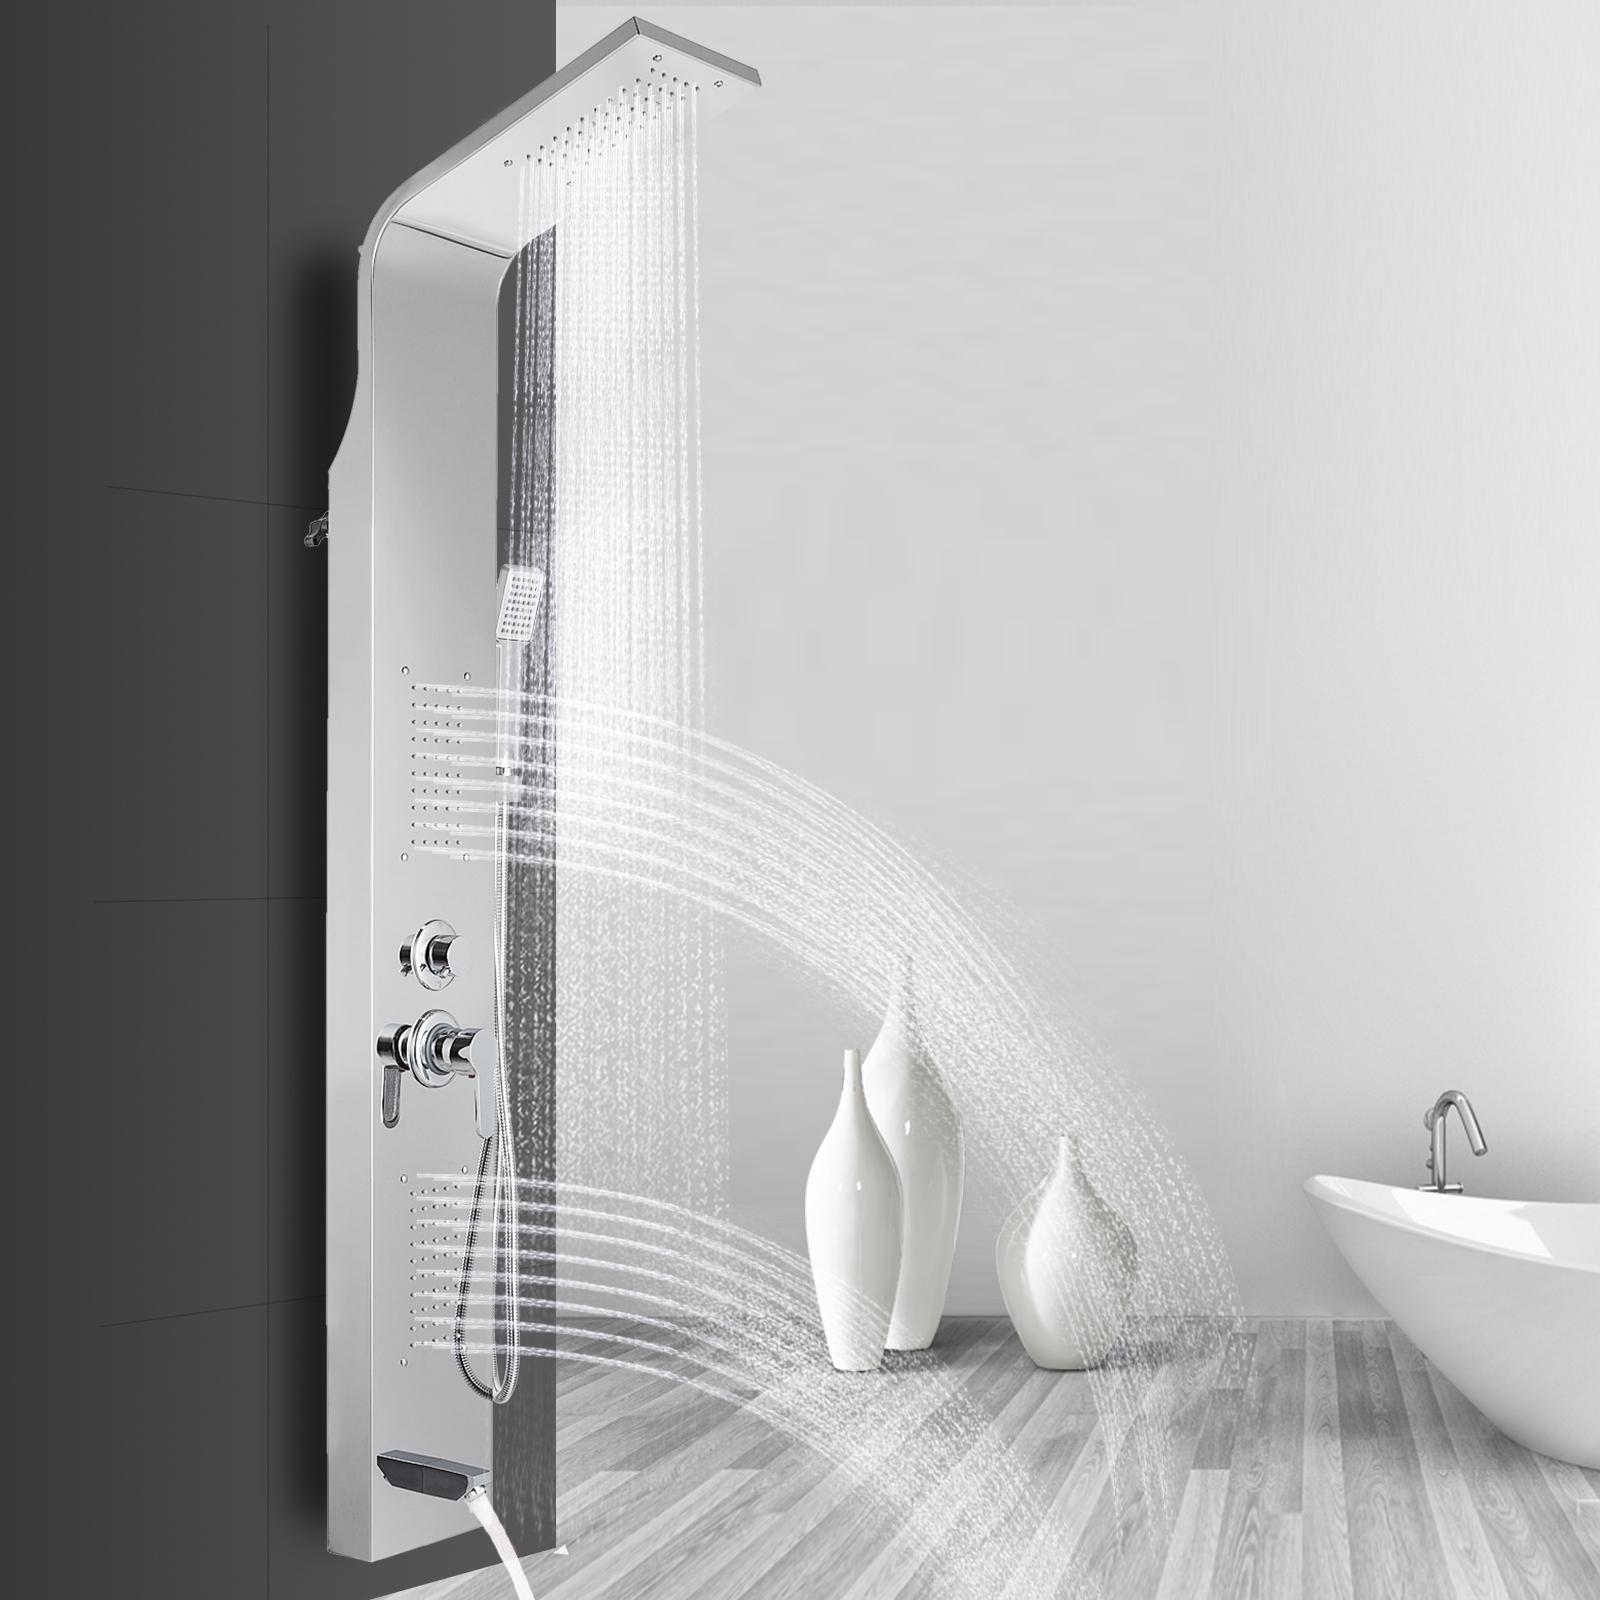 Pannello-doccia-idromassaggio-colonna-in-acciaio-inossidabile-con-miscelatore miniatura 30